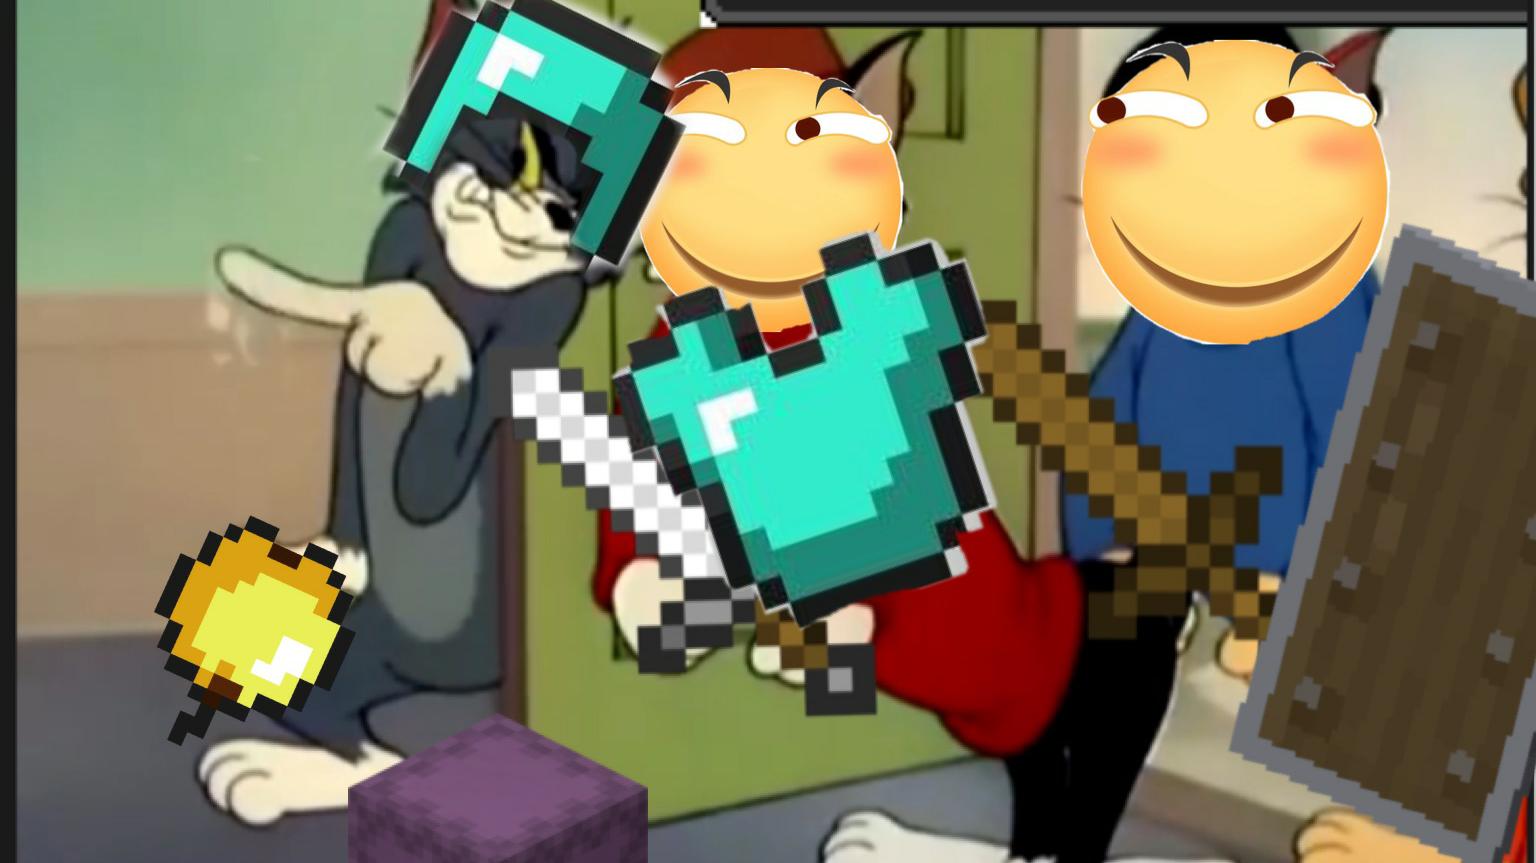 用我的世界格式打开猫和老鼠会发生什么?第二集